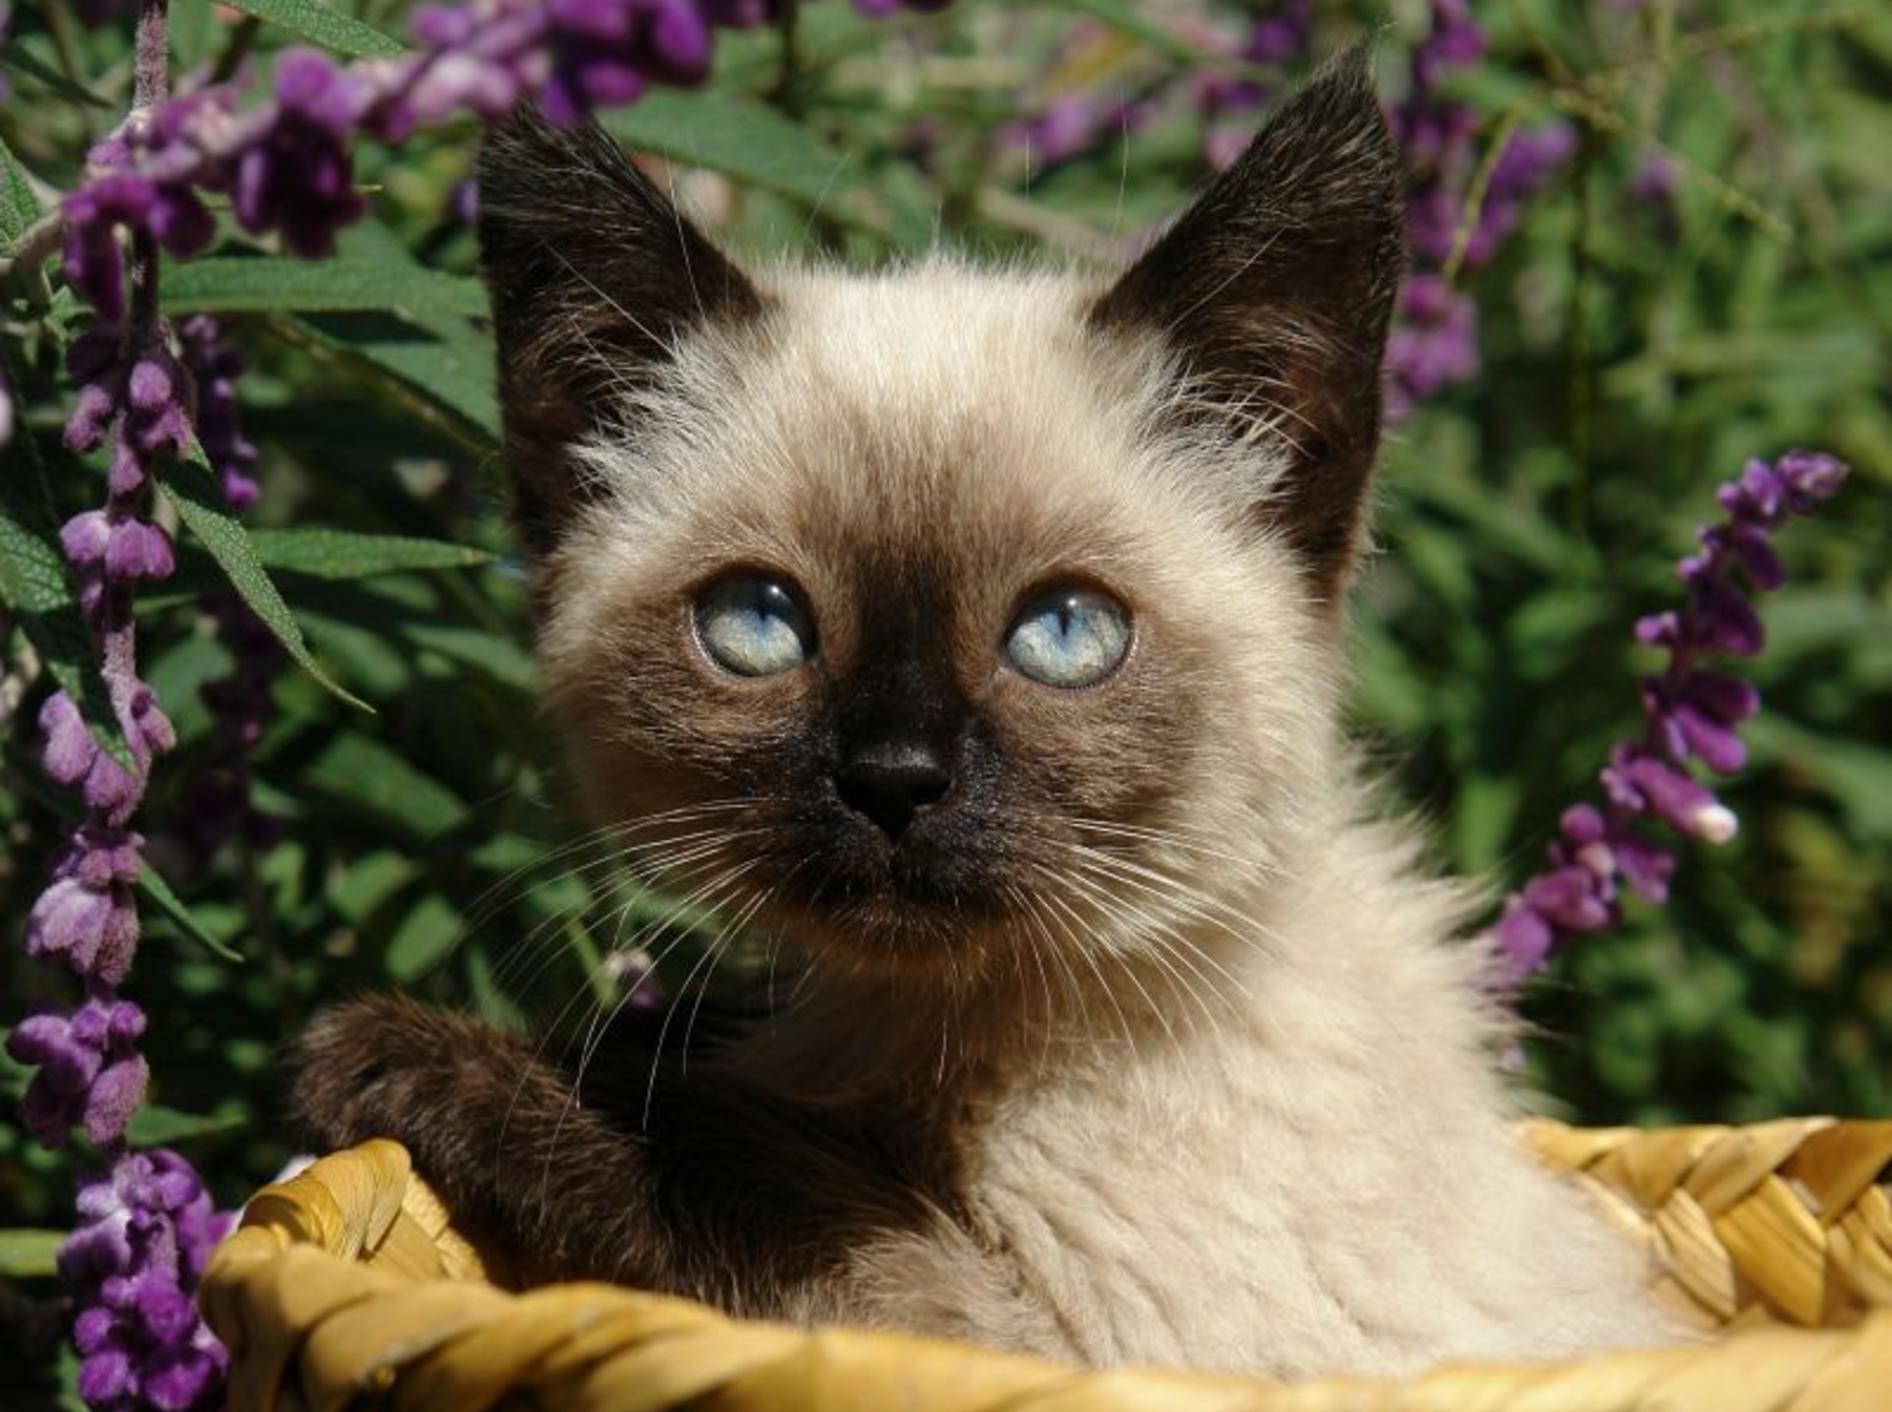 Hand auf Herz: Wer würde diese junge Siamkatze nicht mit nach Hause nehmen wollen? — Bild: Shutterstock / Mikhail Shiyanov